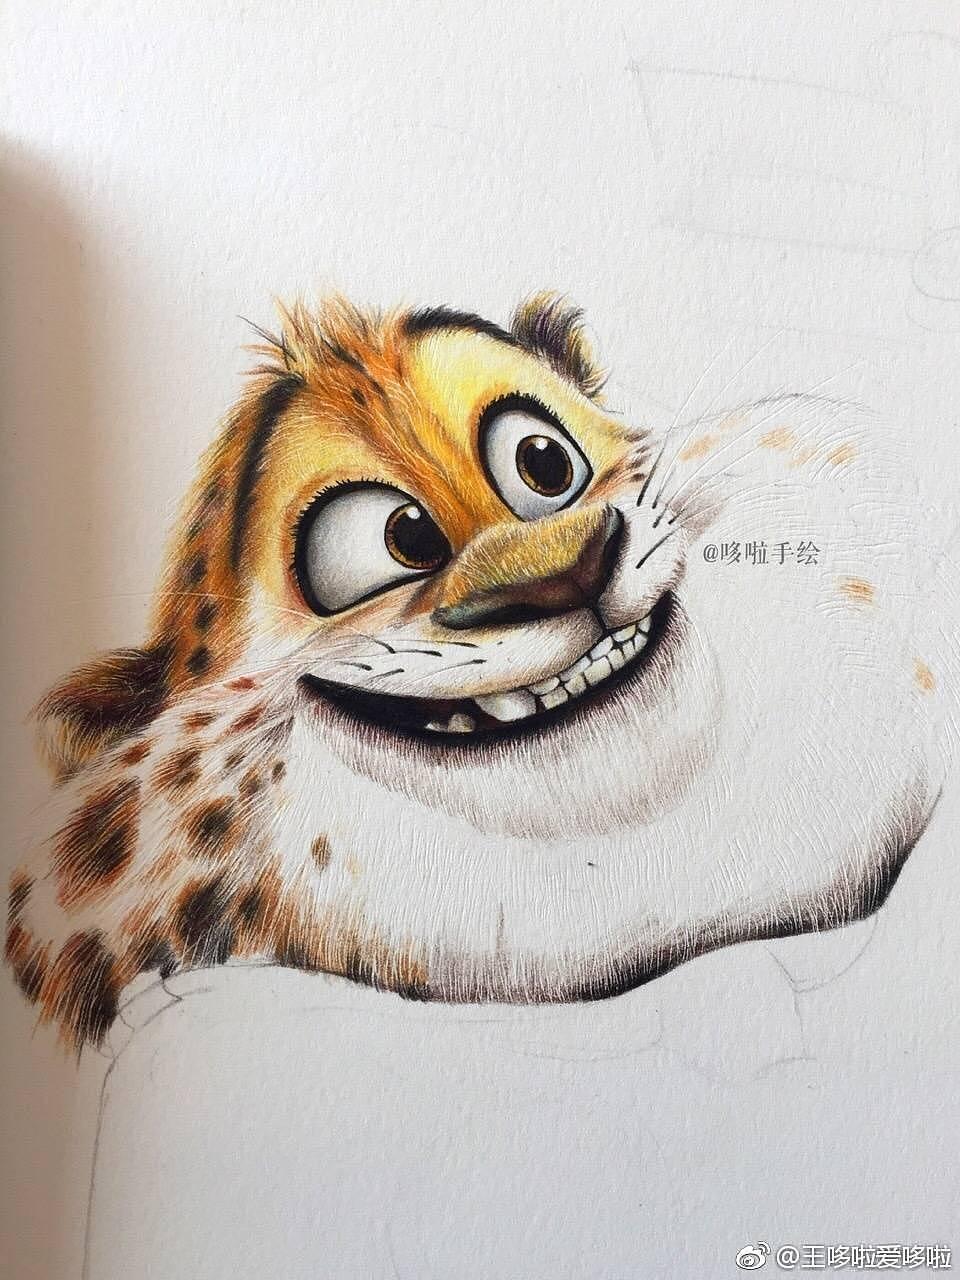 疯狂豹子王_疯狂动物城 豹警官|纯艺术|彩铅|王哆啦 - 原创作品 - 站酷 (ZCOOL)